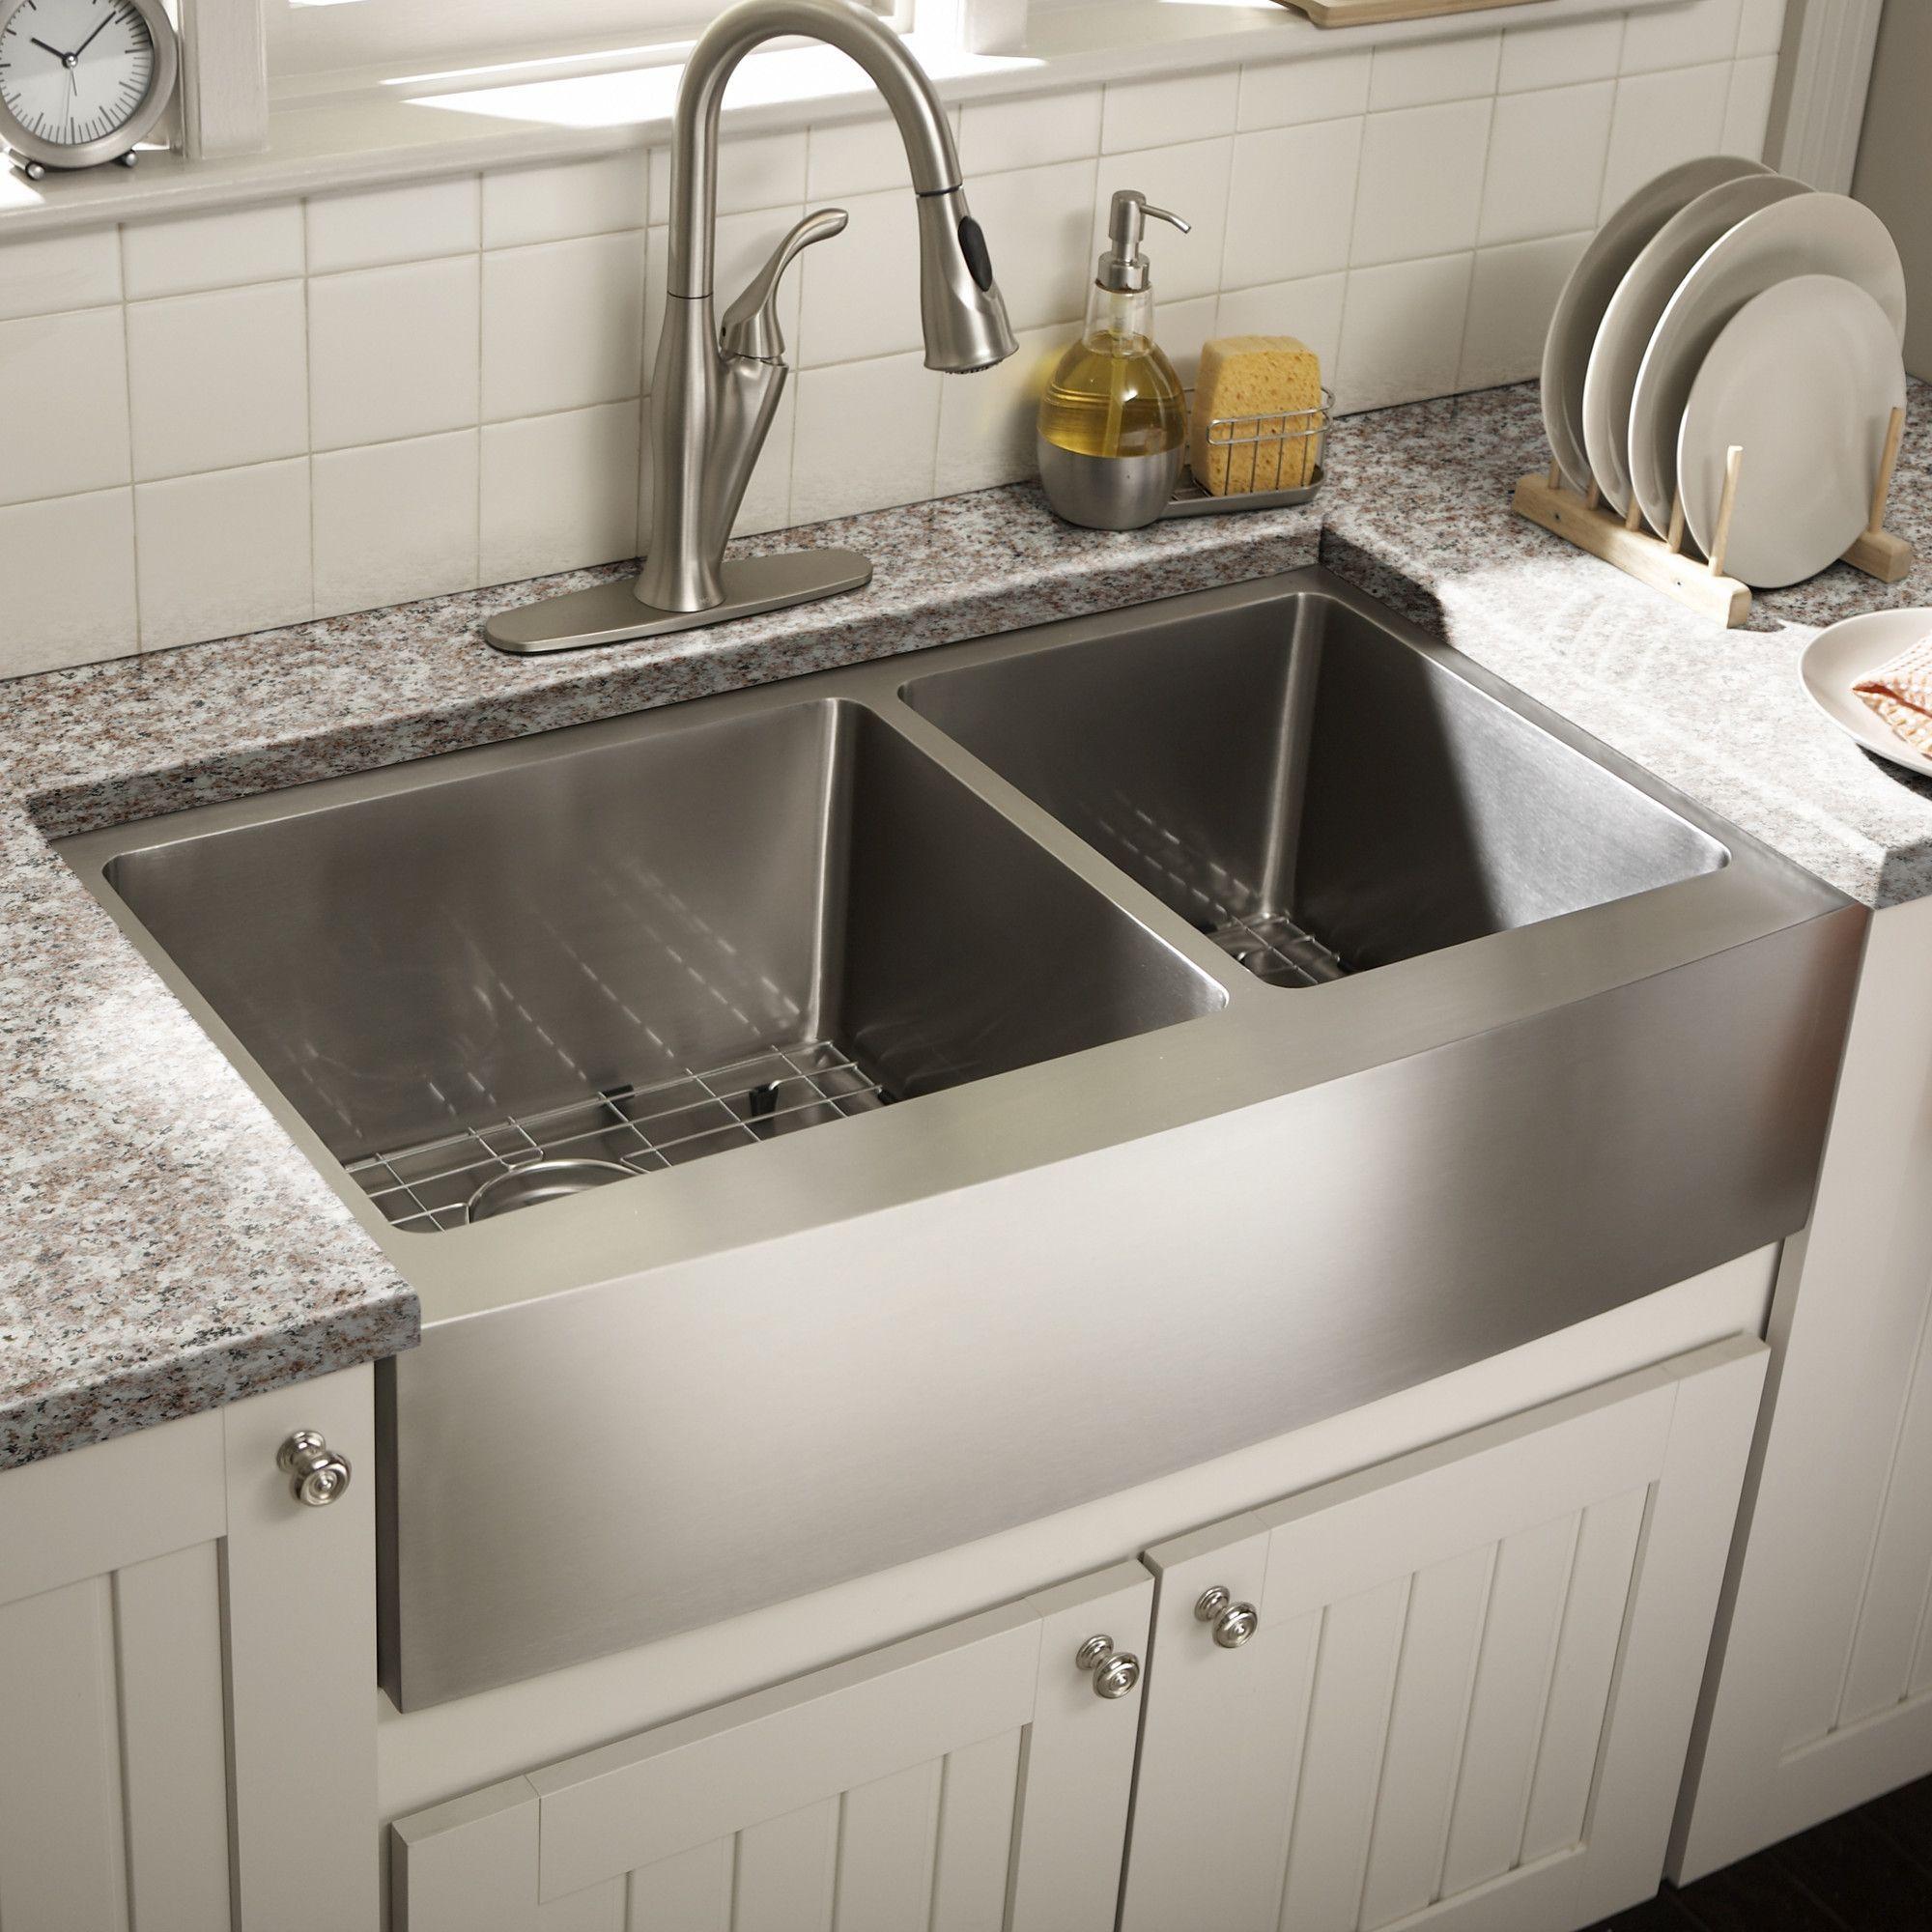 Corner Kitchen Sink Ideas For Best Cooking Experience | CORNER ...